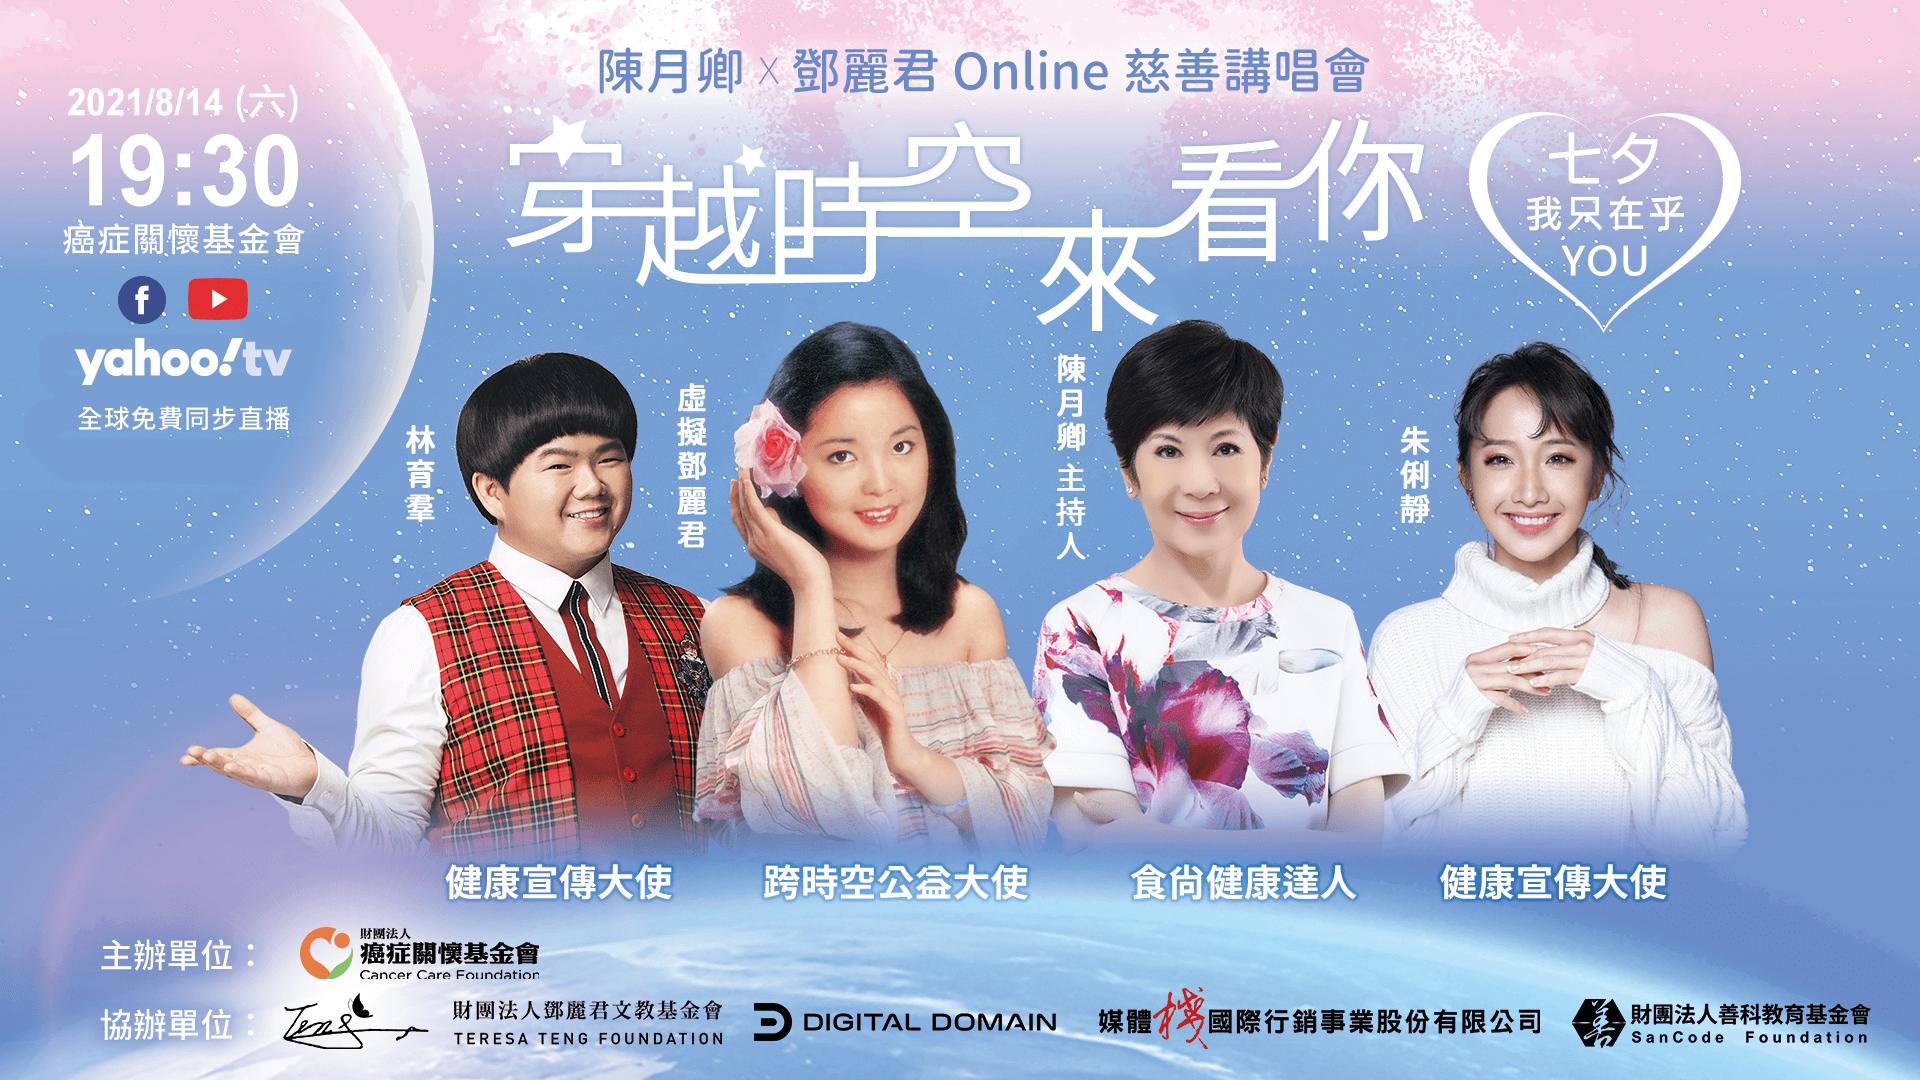 【七夕~穿越時空來看你】online慈善講唱會